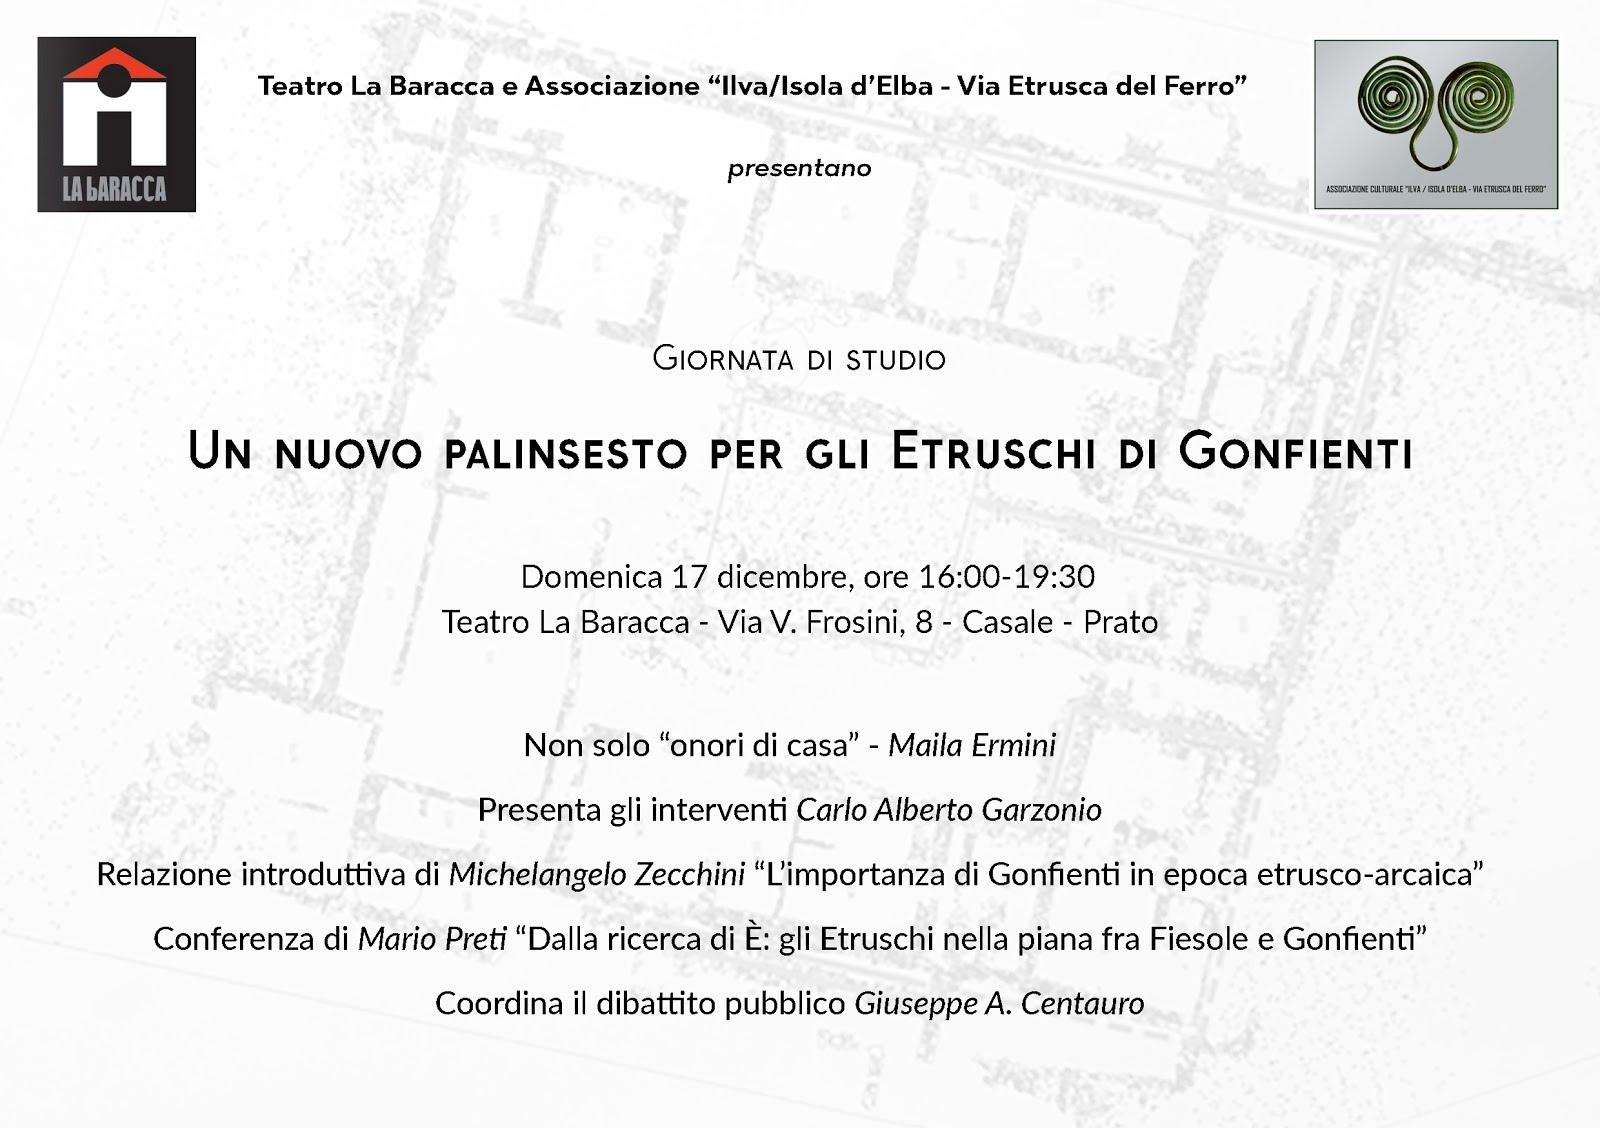 Domenica 17 dicembre ore 16 - Un nuovo palinsensto per gli Etruschi di Gonfienti